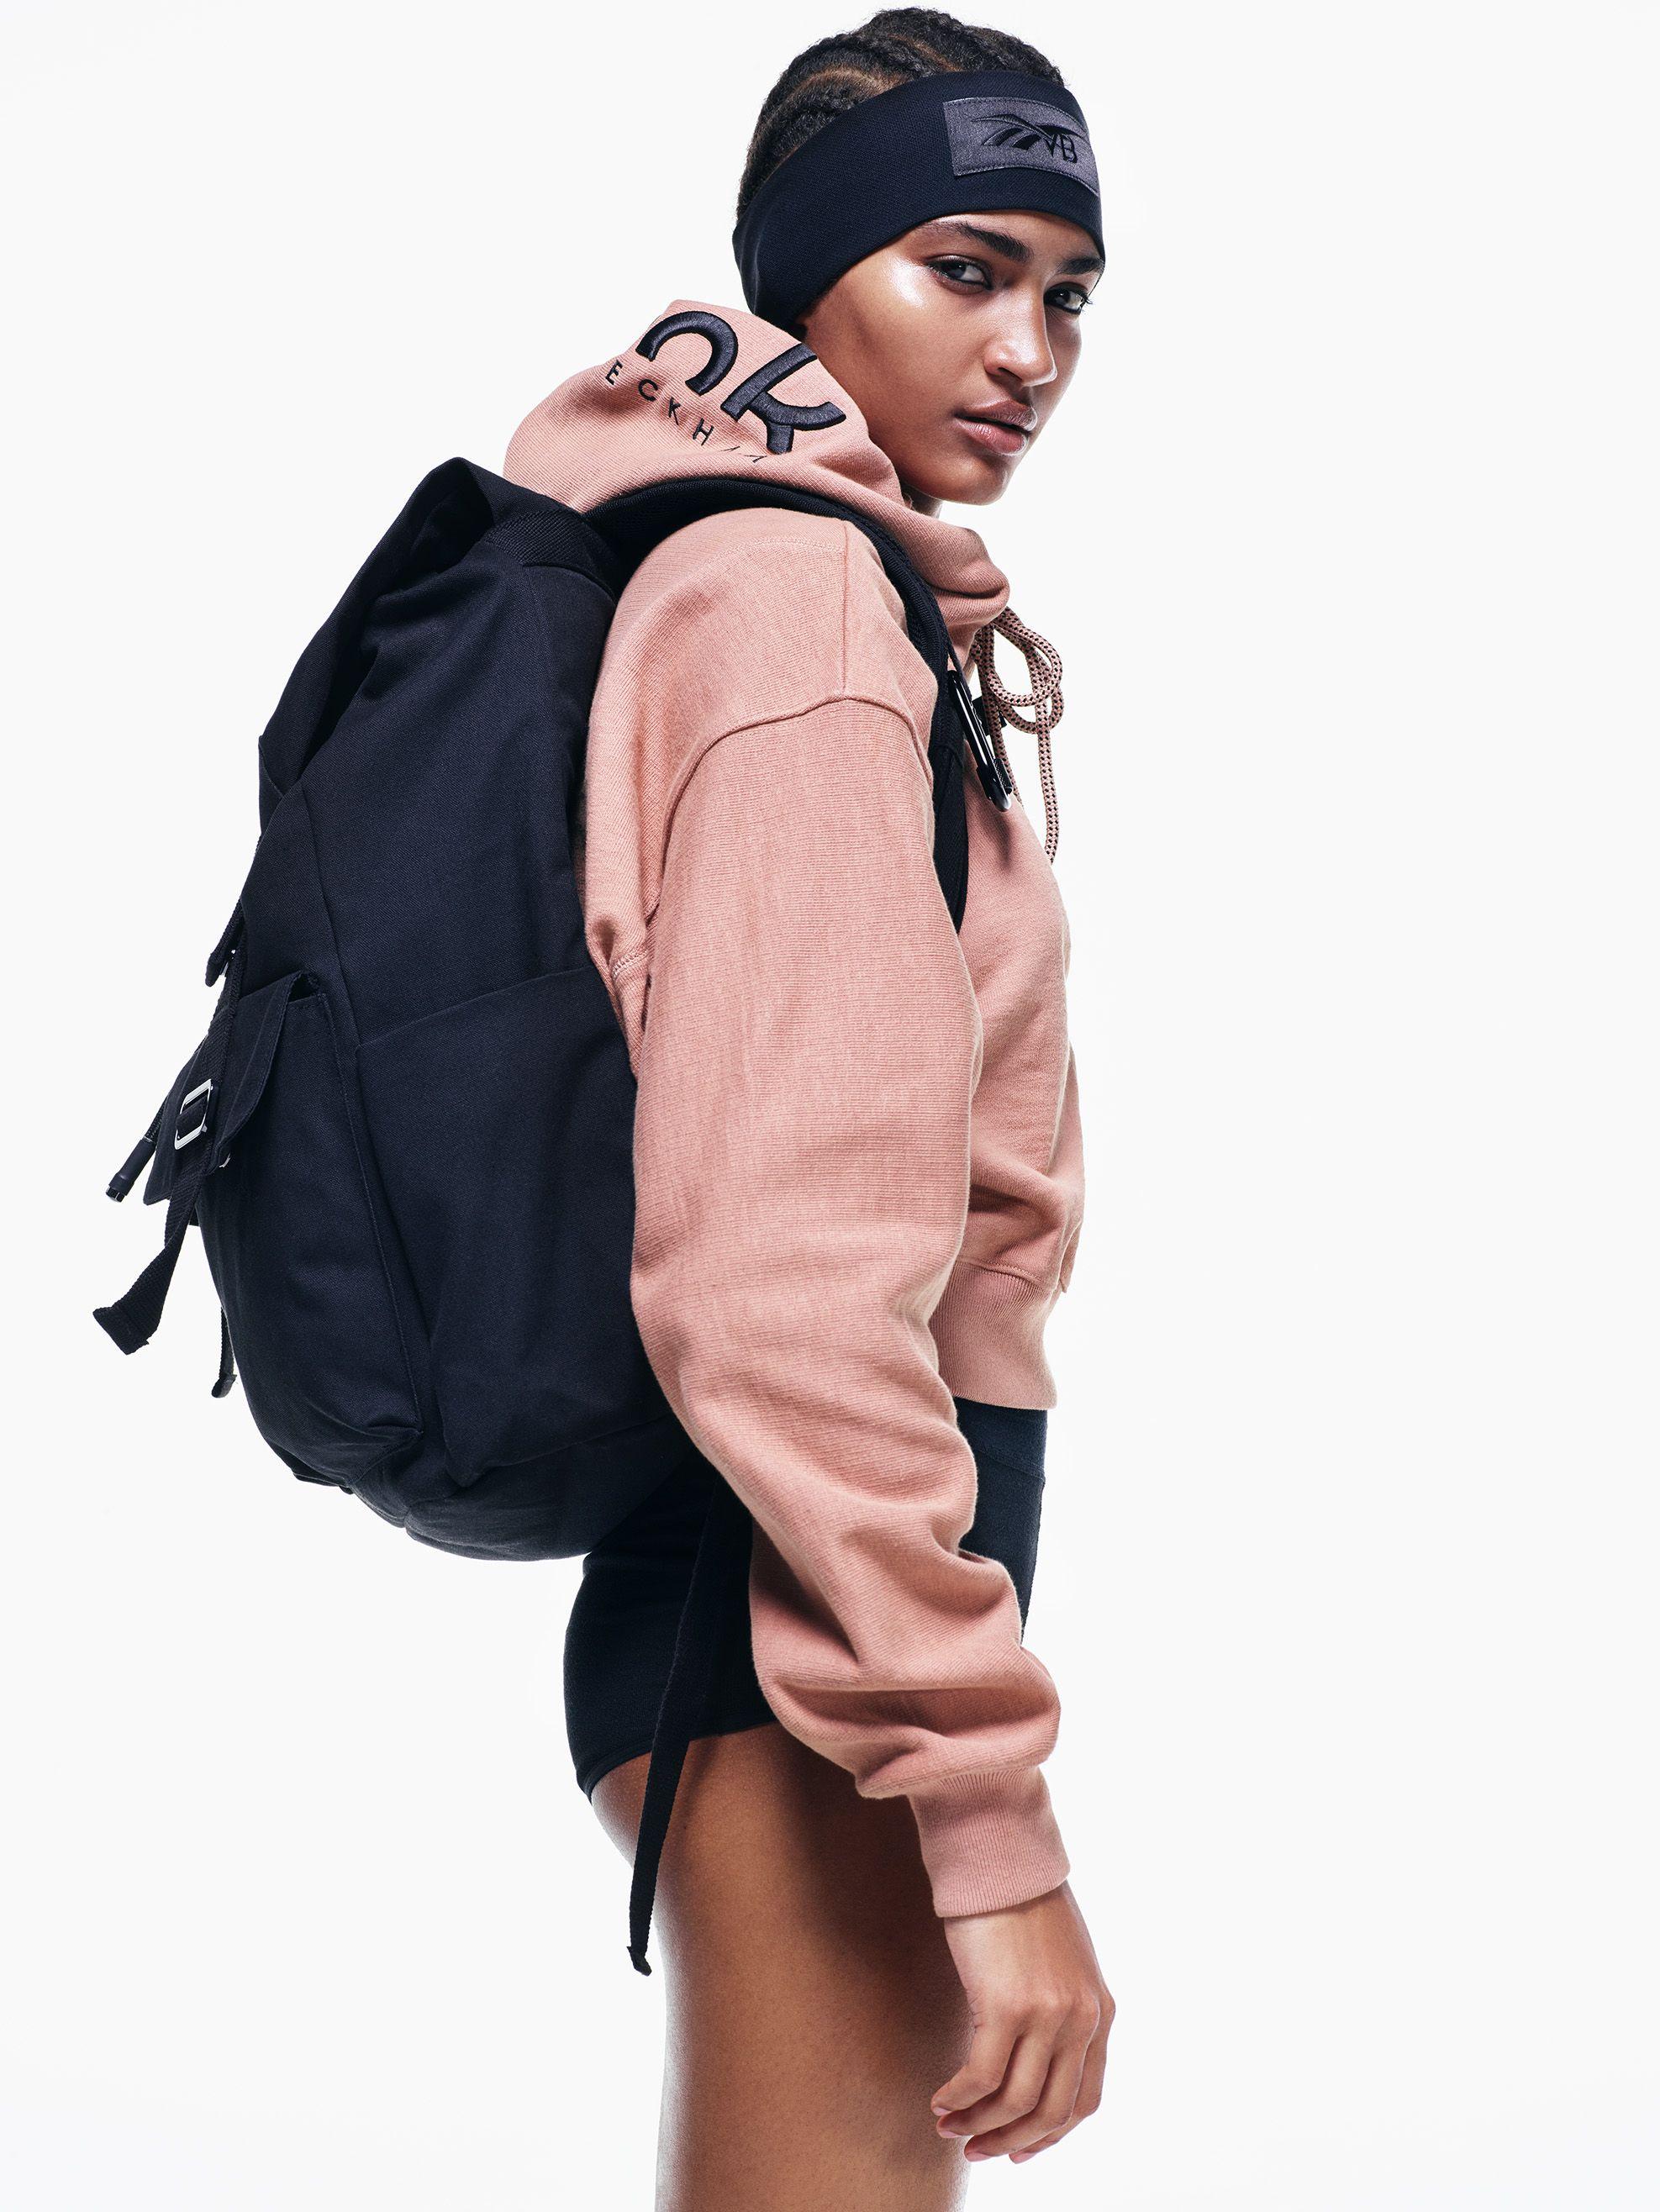 Victoria Beckham X Reebok Collab: Best Pieces